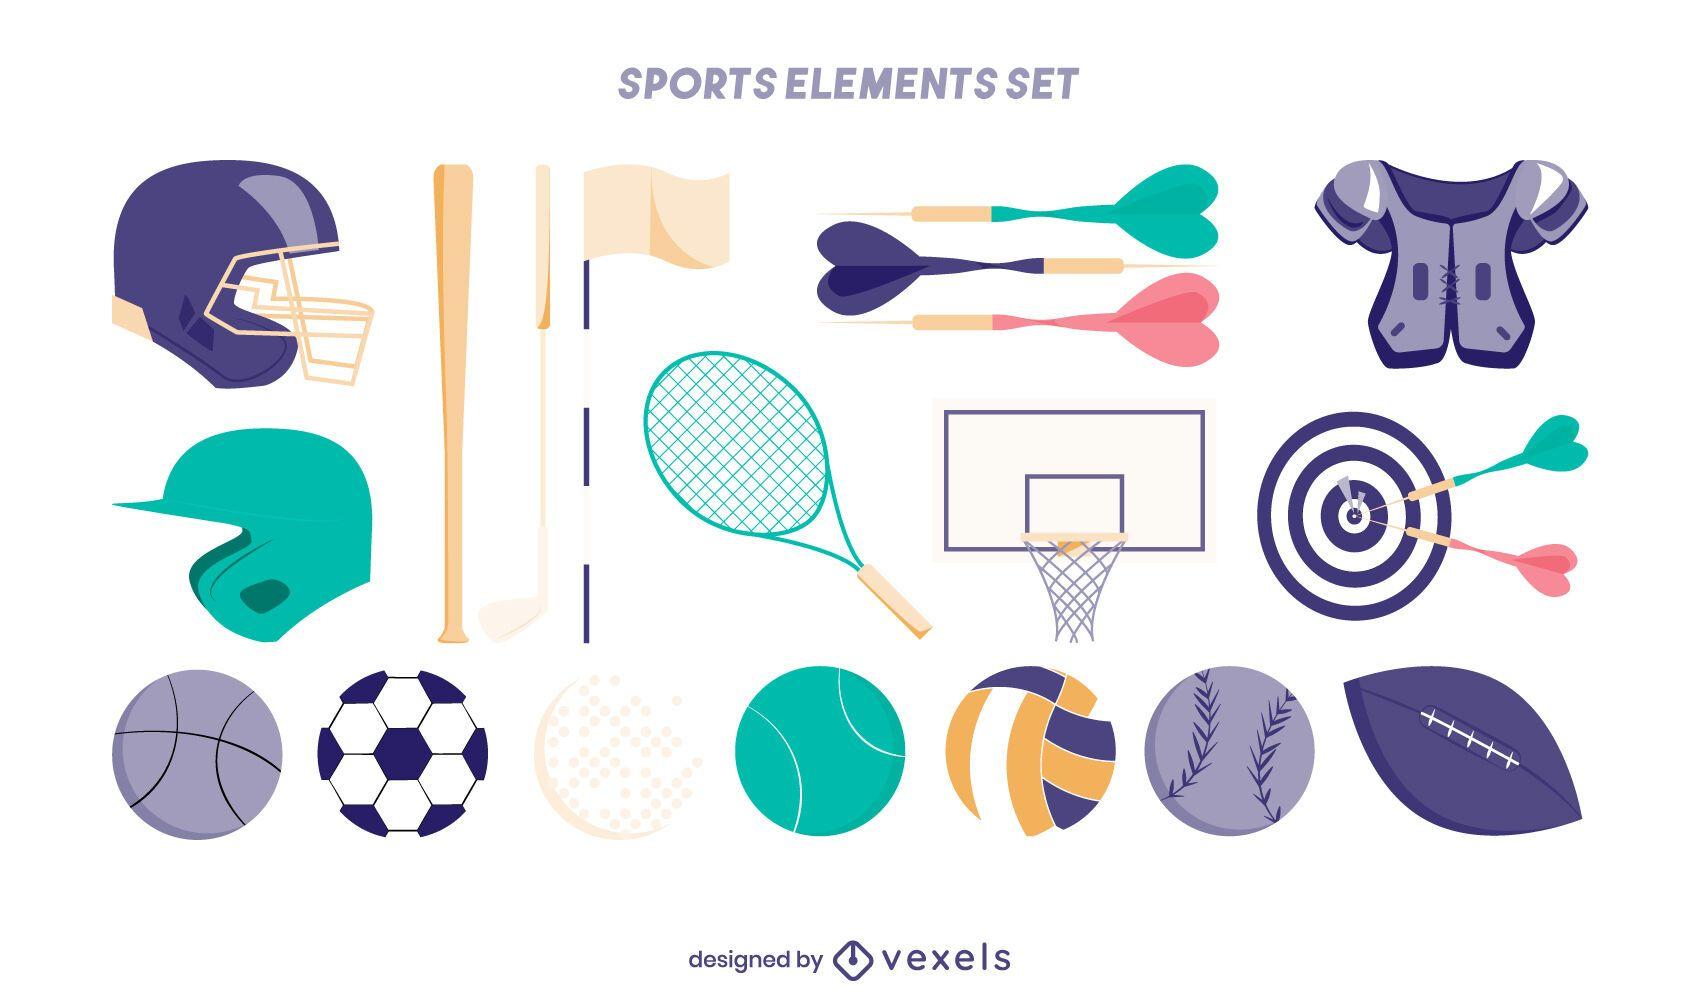 Sports elements set